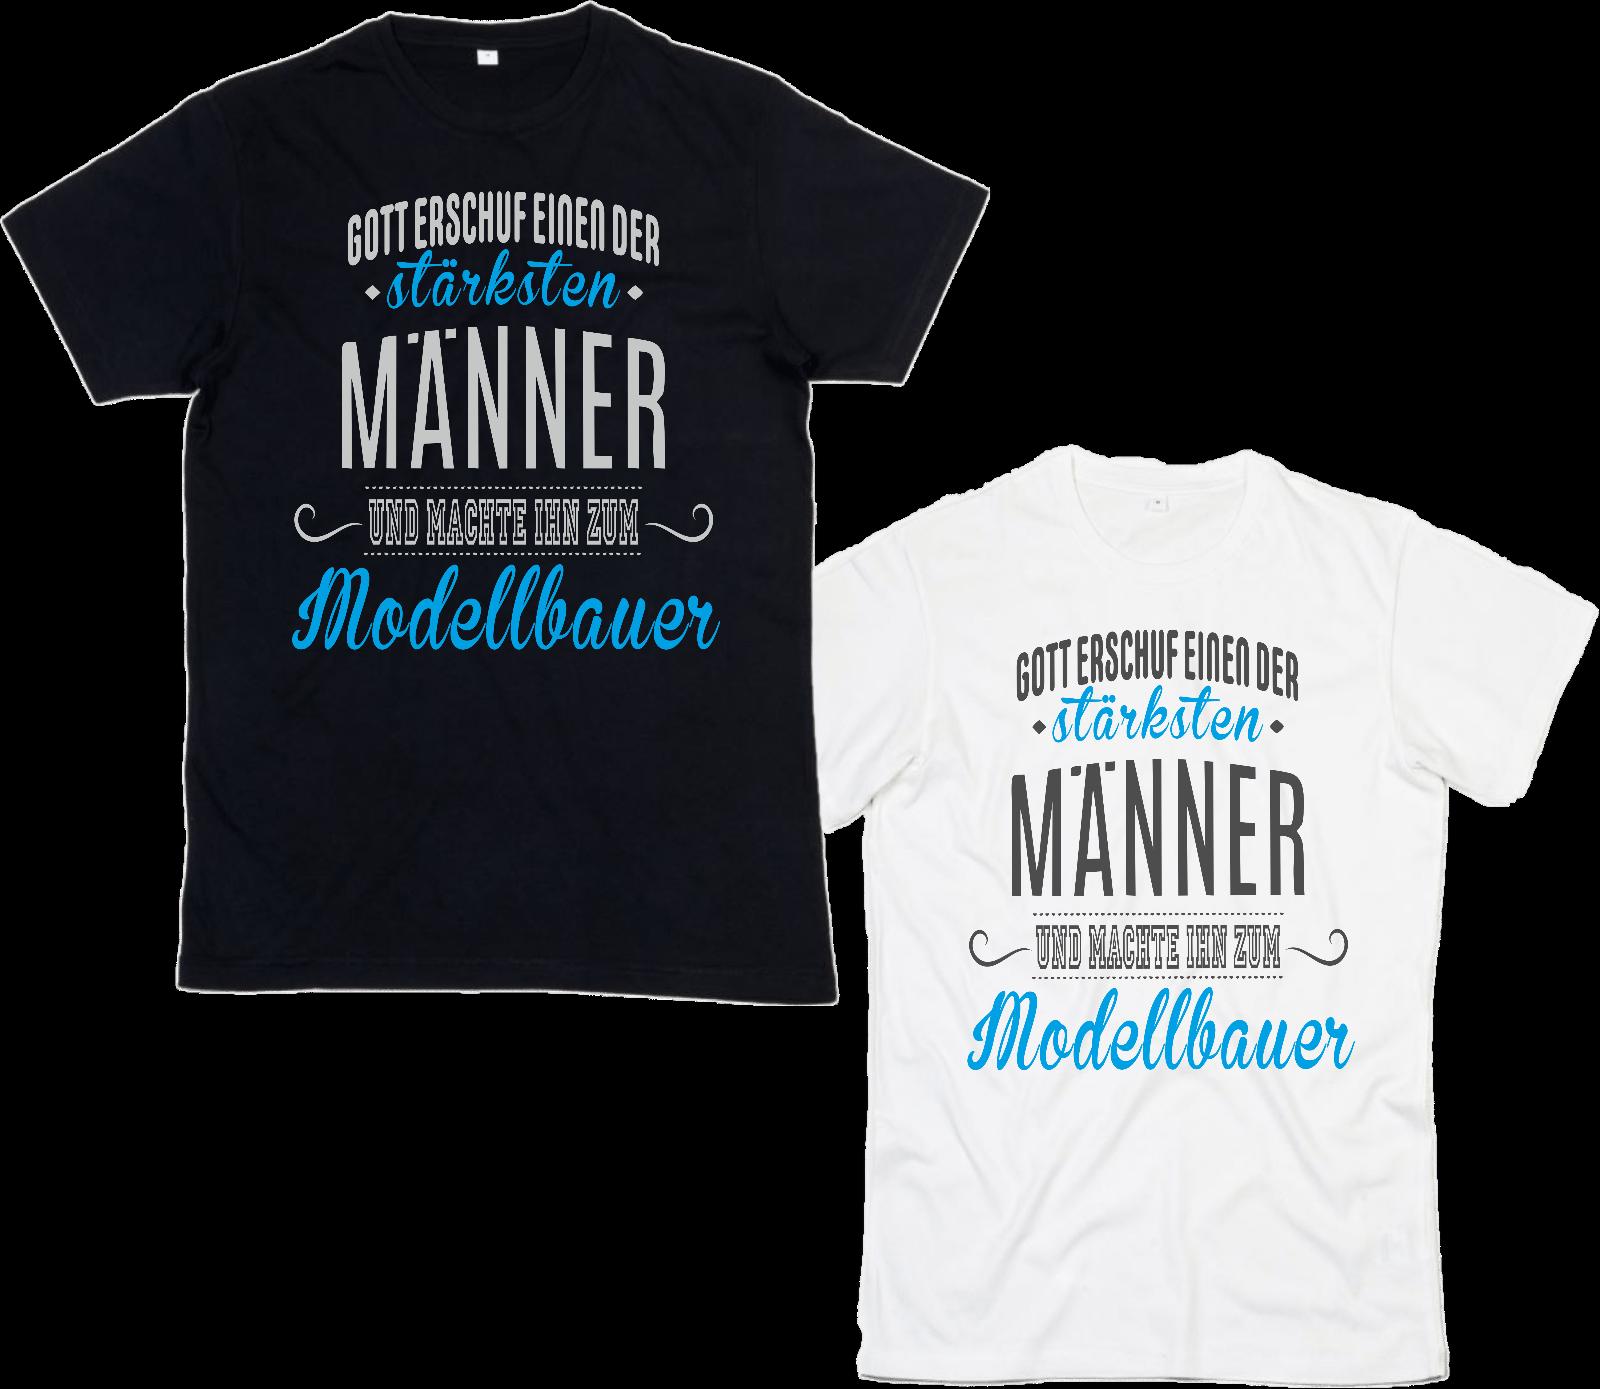 Modellbau T-Shirt Modellbauer RC Modellsport Spruch Geschenk Idee Segelflieger